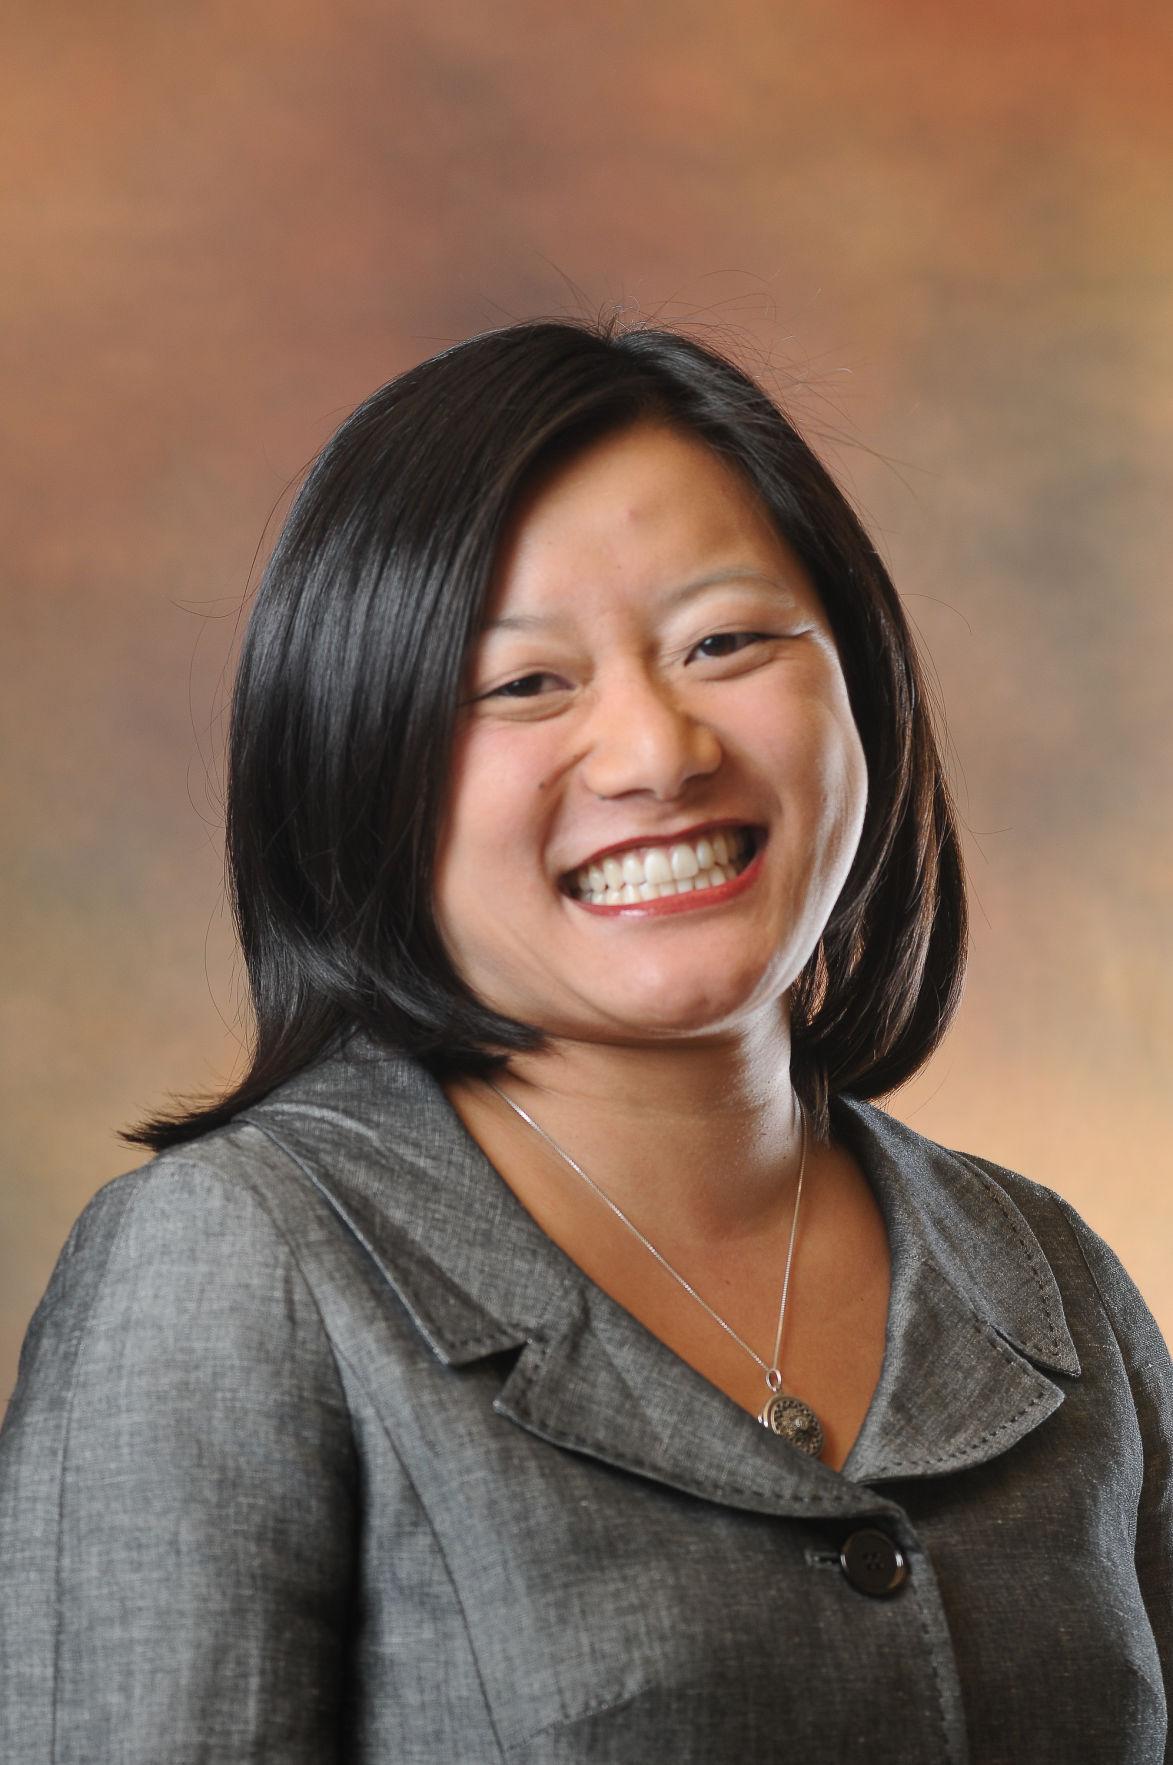 Stephanie Christine Medina